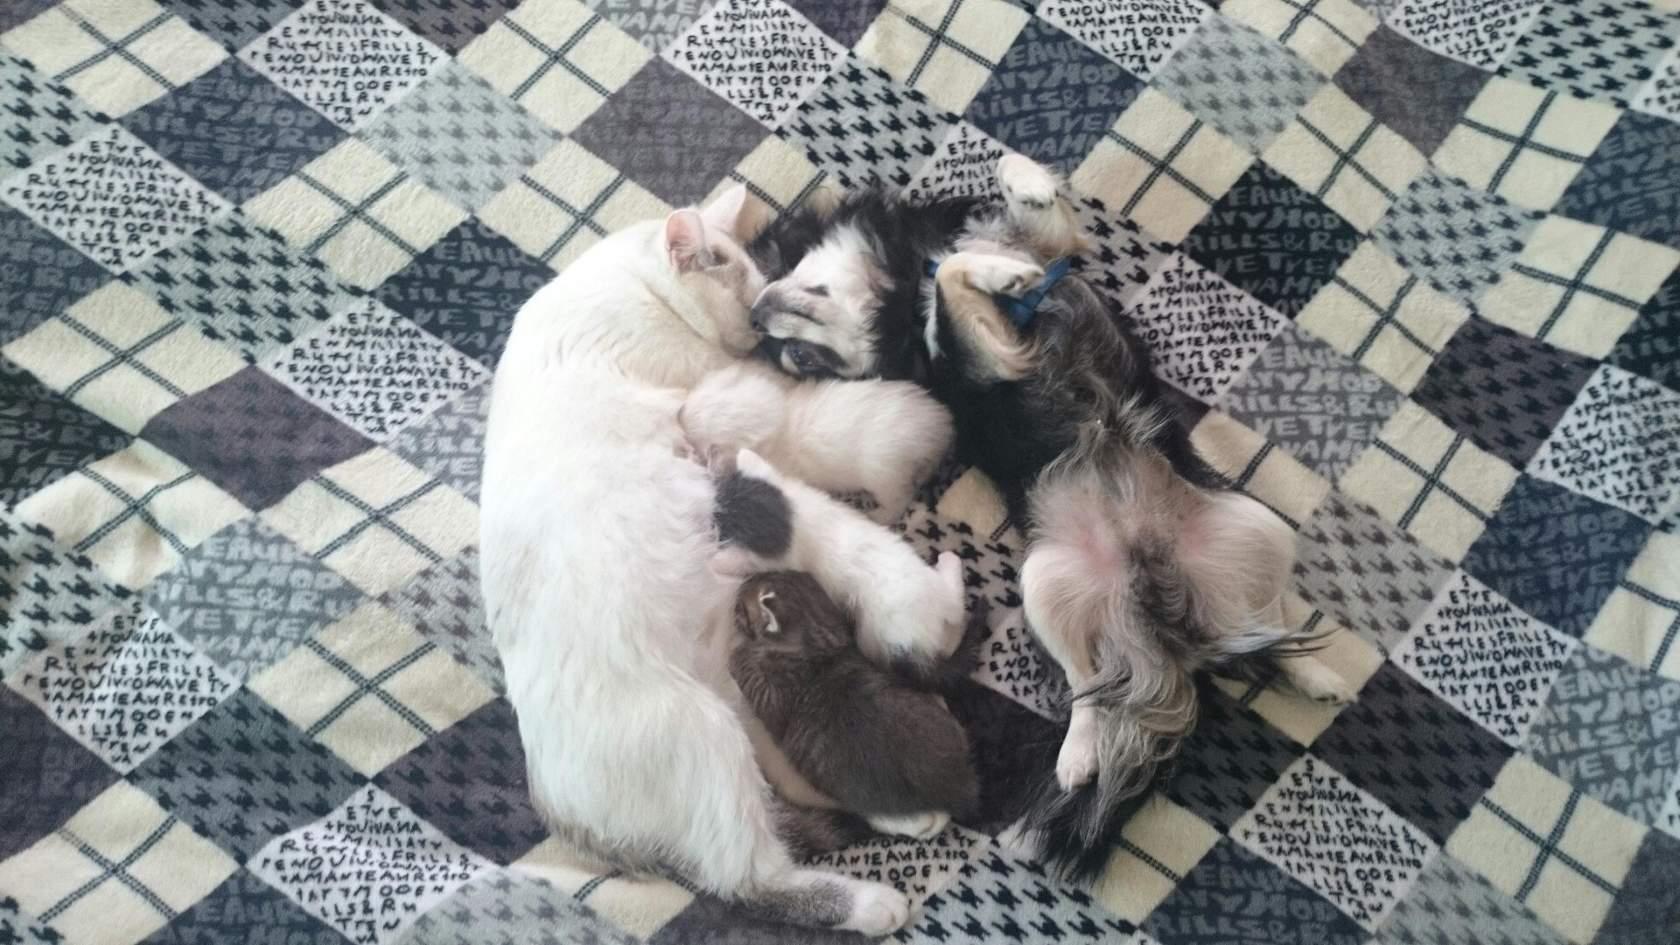 И жили они как кошка с собакой))). Блиц: кошки против собак